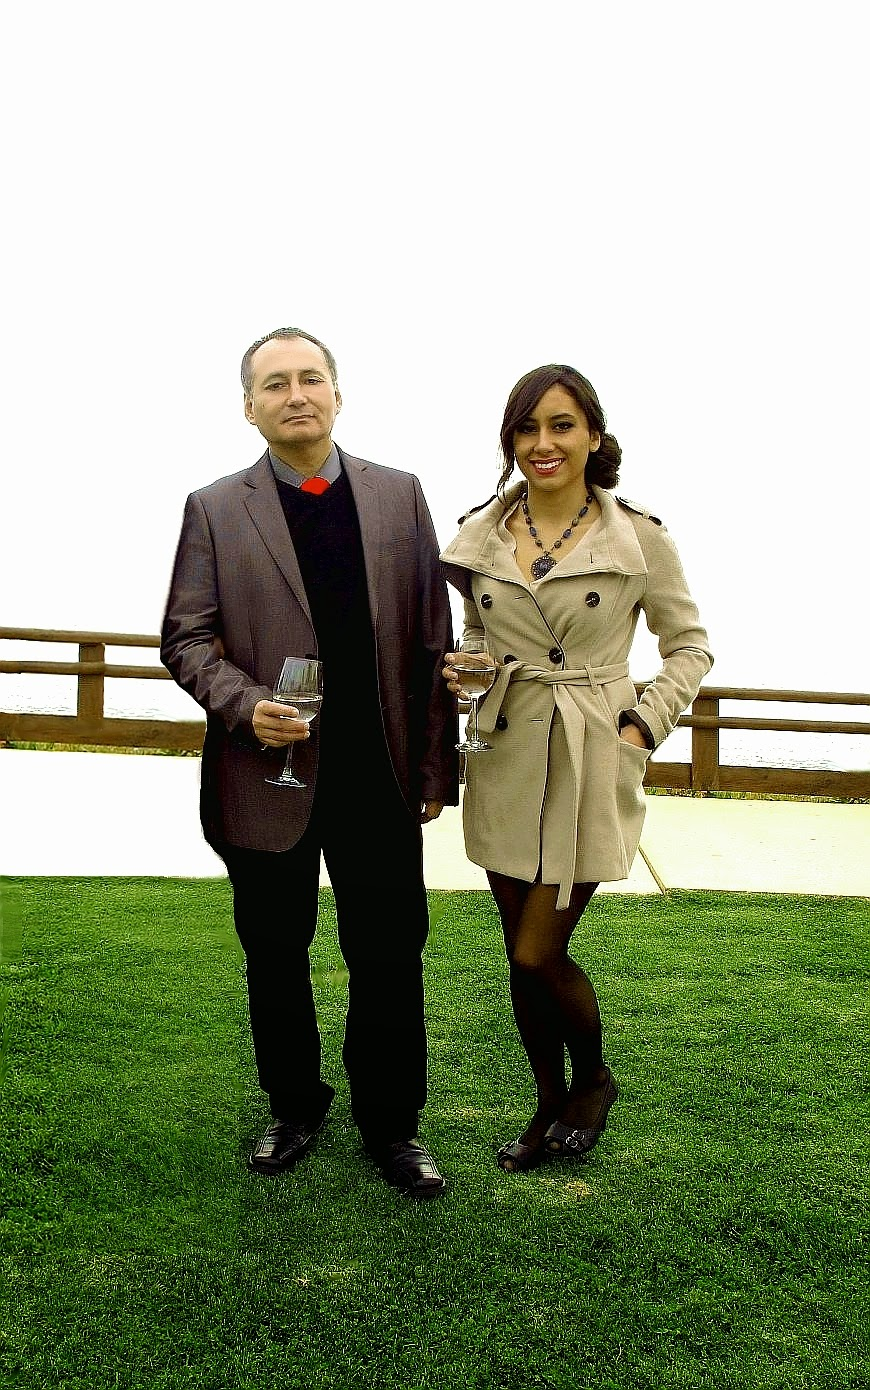 http://4.bp.blogspot.com/--_Ht0lmwXrM/U7i7rEWzxlI/AAAAAAAAVf8/qXZS6zUT72I/s1600/Adolfo+Vasquez+Rocca+PHD.+y+Valentina+Vasquez+Lopez+__+Psicologia+__700+PSI+6.0+Col.____+La+celebraci%C3%B3n+__15679+.jpeg